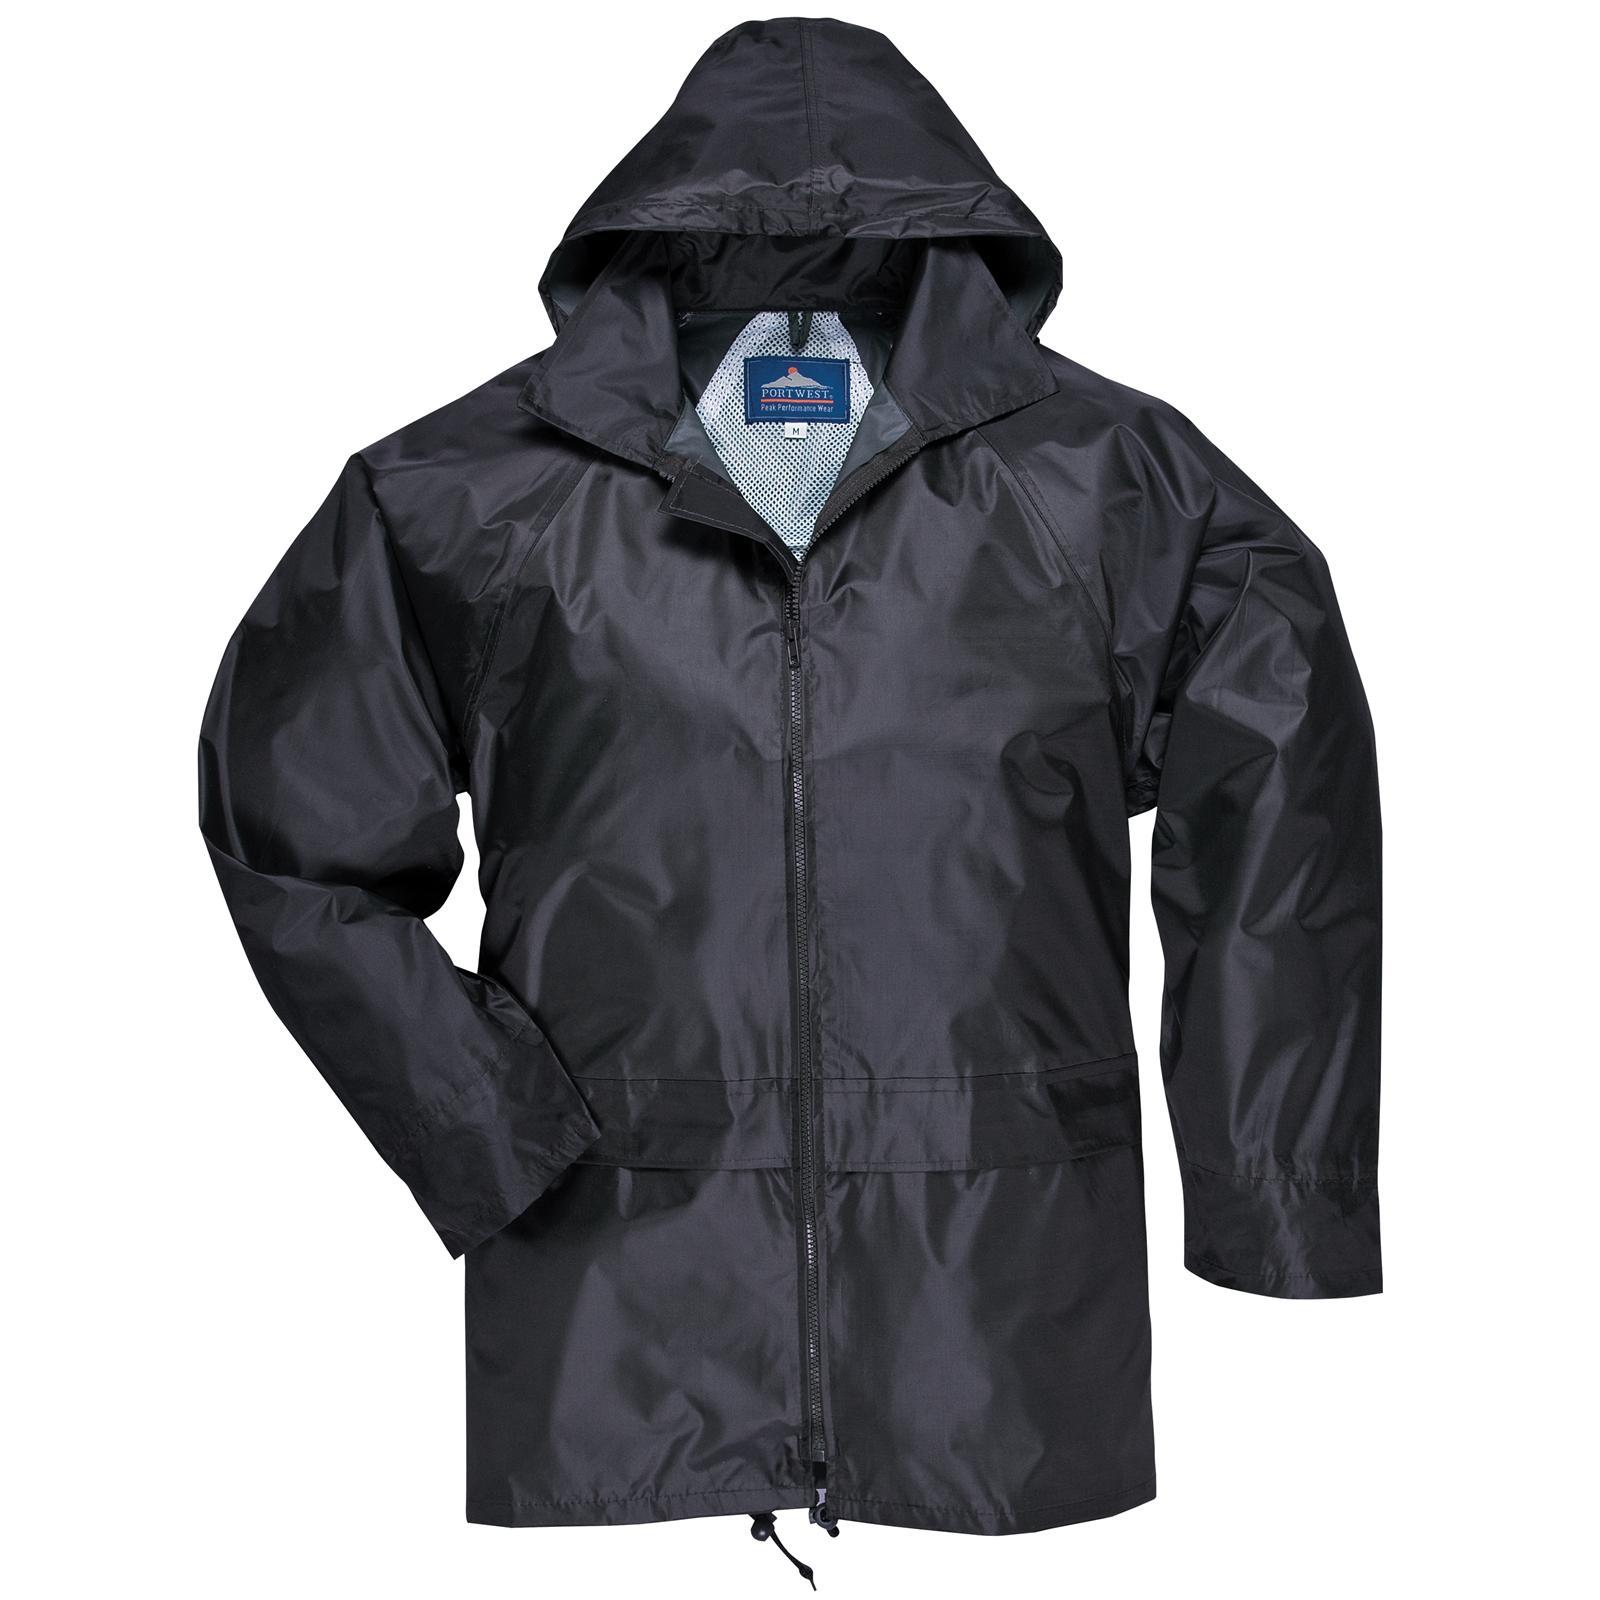 New PORTWEST Mens Womens Classic Rain Waterproof Jacket S M L XL ...